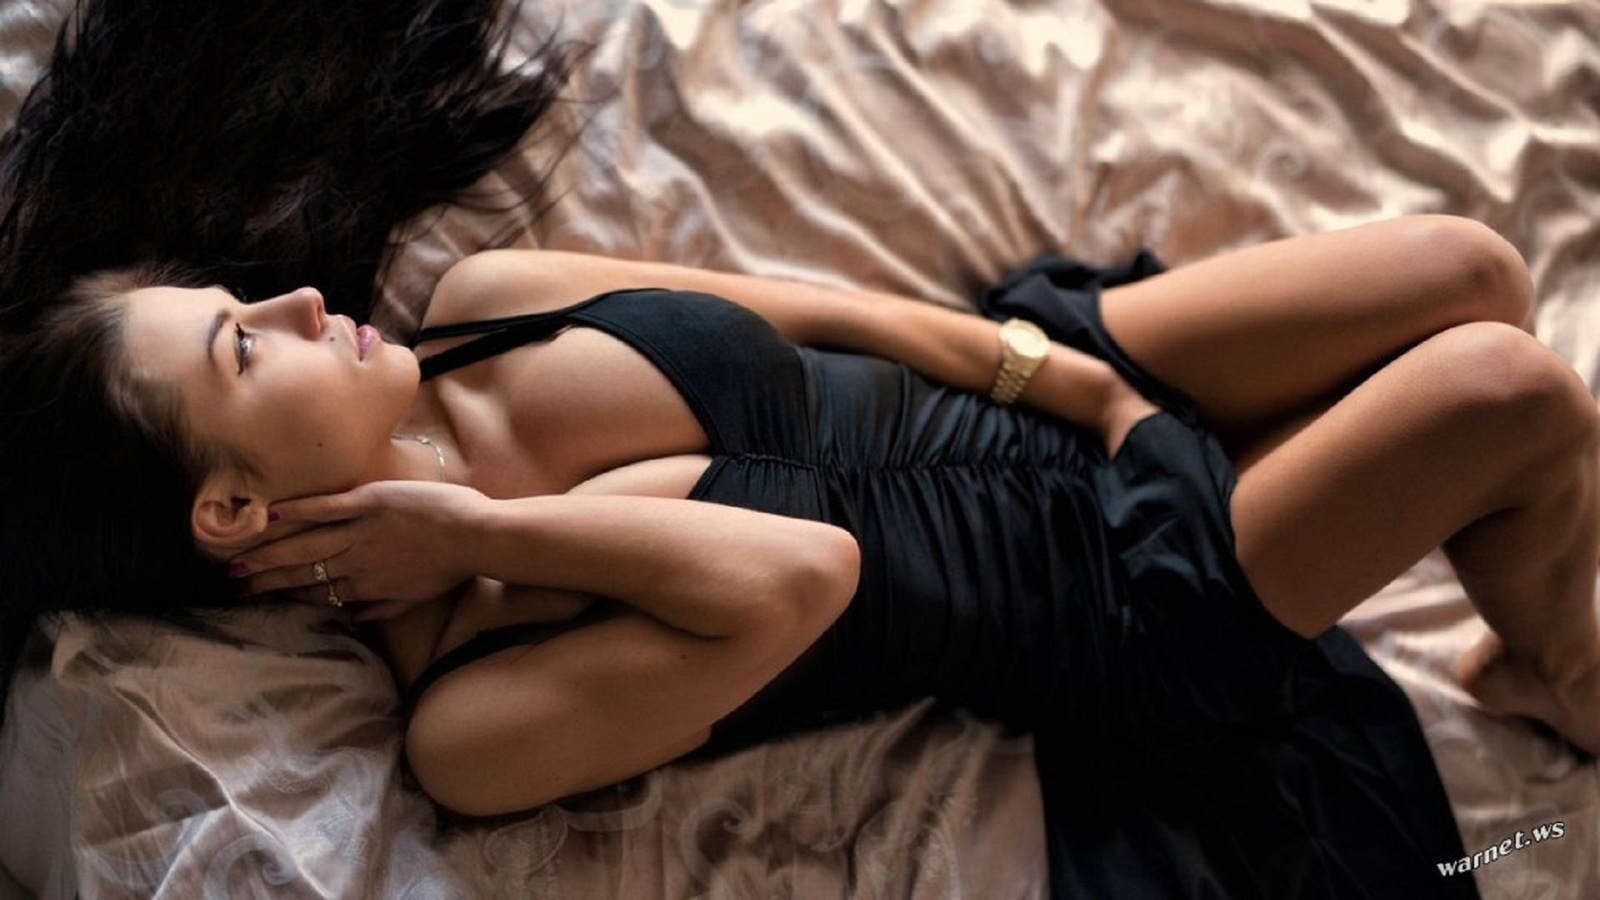 Фото с девушкой в постели, Фото красивых девушек в постели 12 фотография